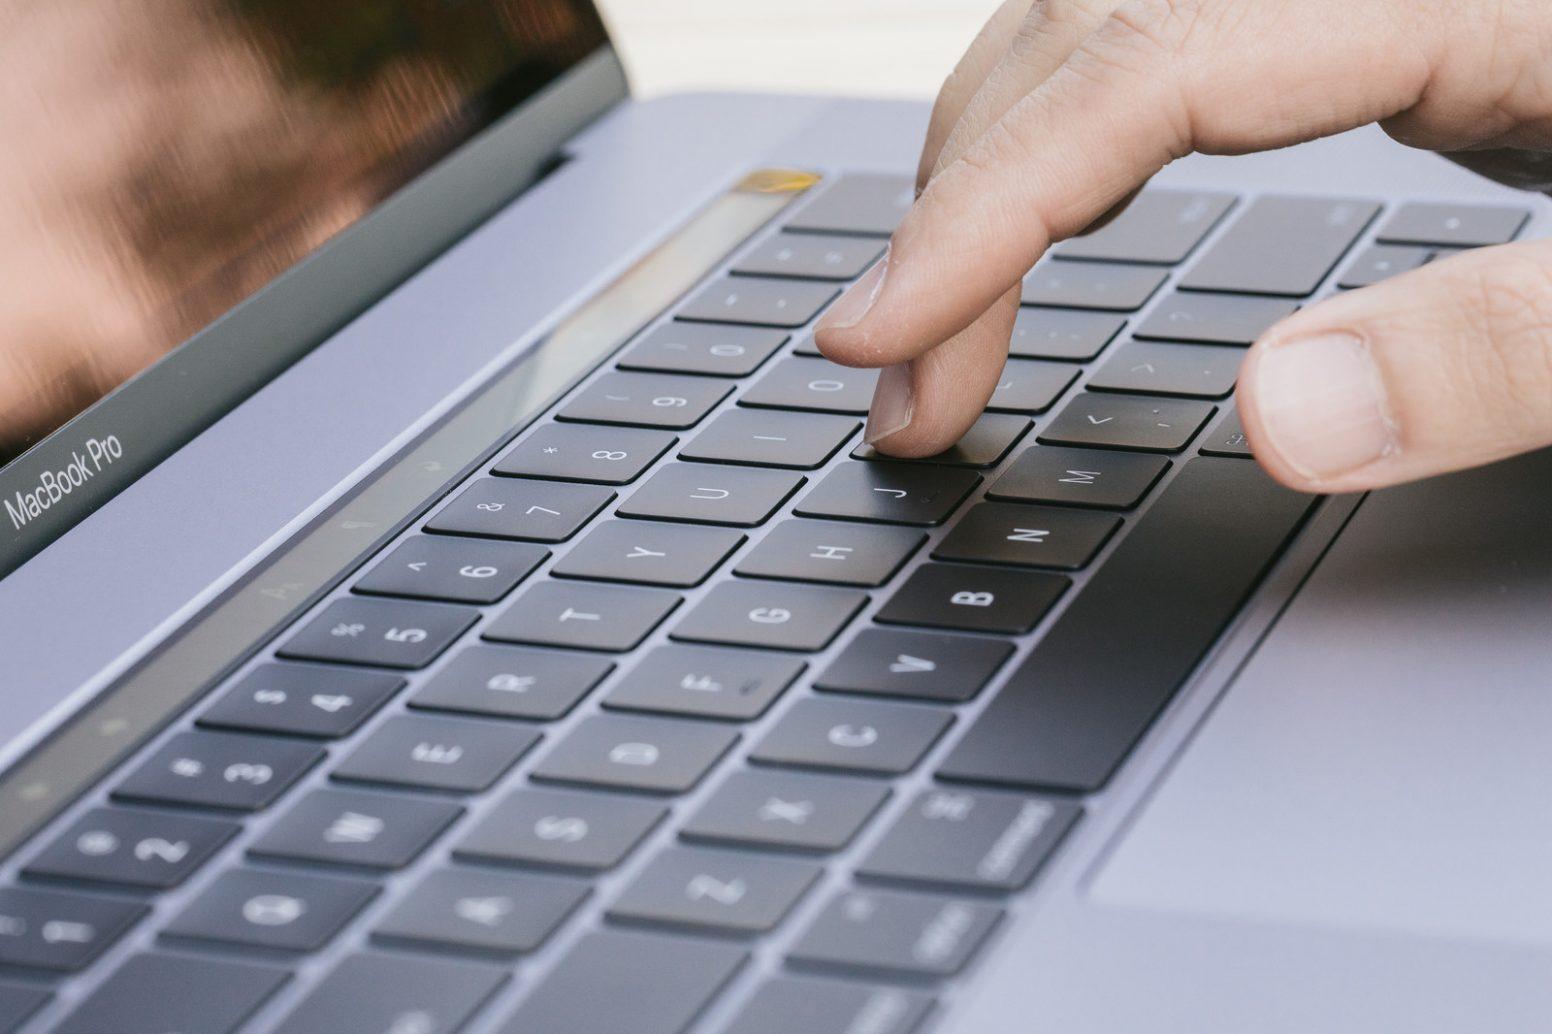 【俺得】よく使うGmailキーボードショートカットまとめ